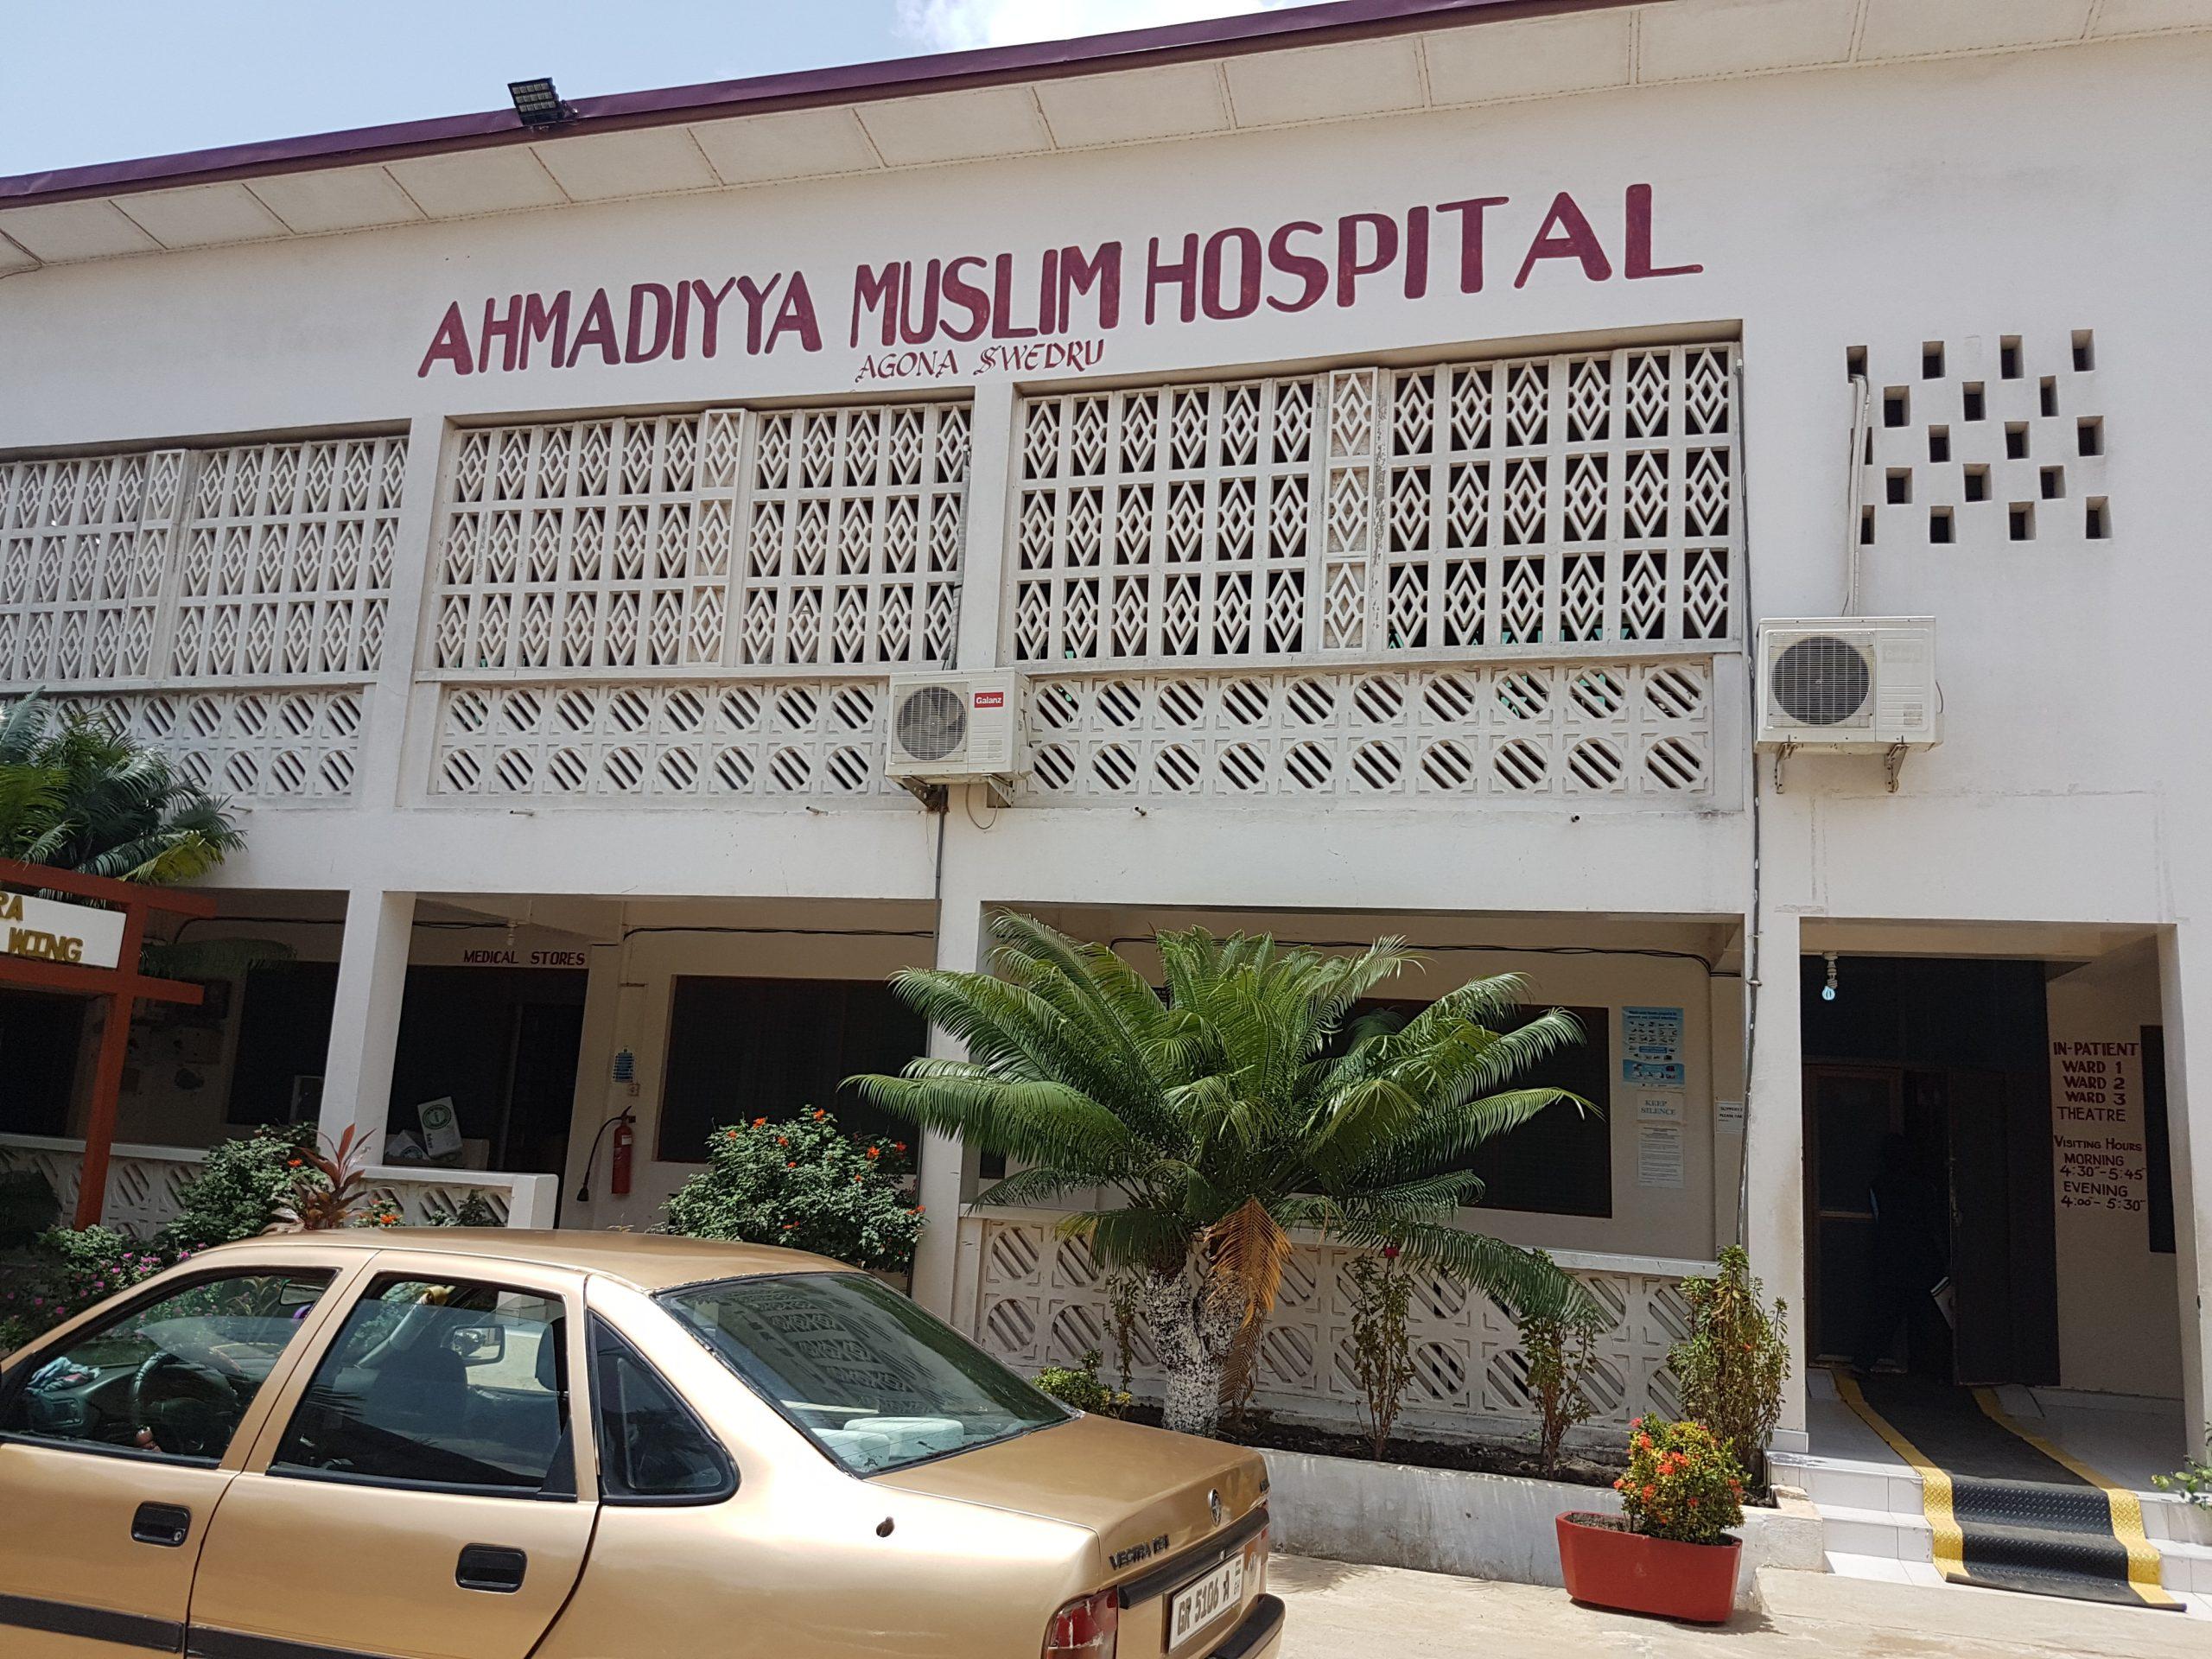 Coronavirus motivates construction of 90 new hospitals in Ghana